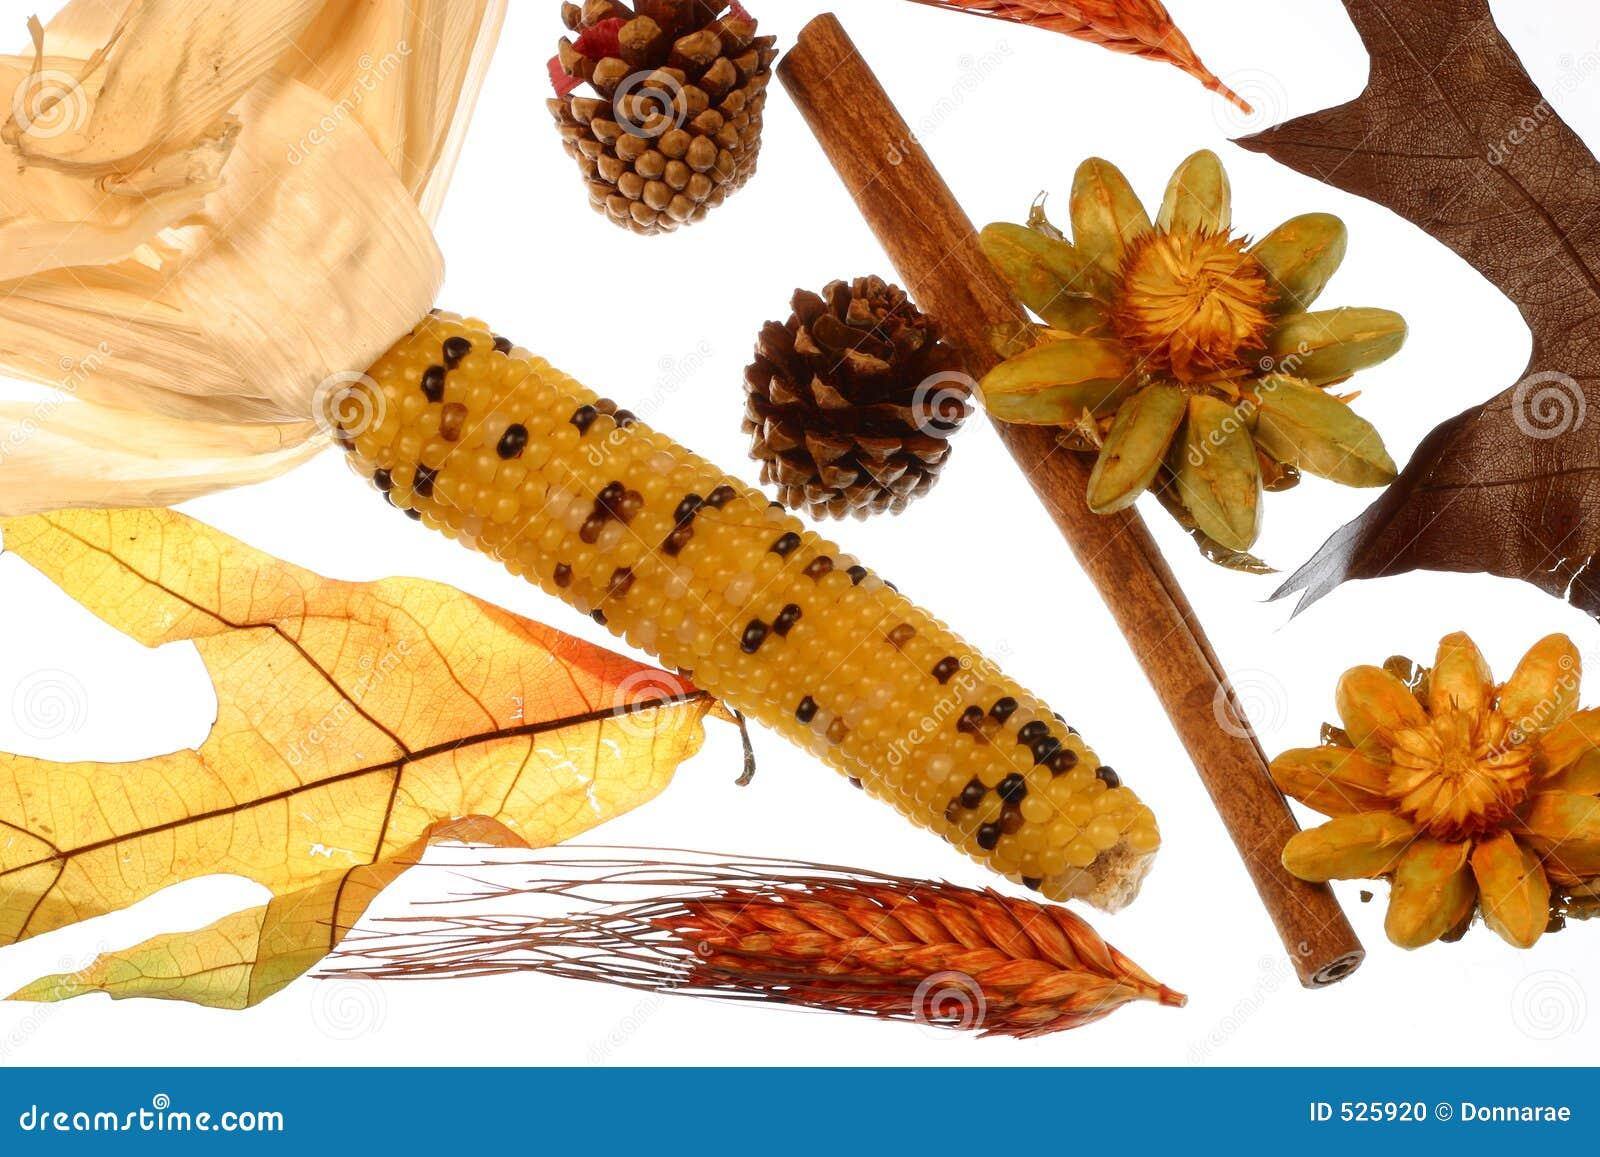 Potpourri do milho indiano do autum, da vara de canela, de flores secadas & de cones do pinho.